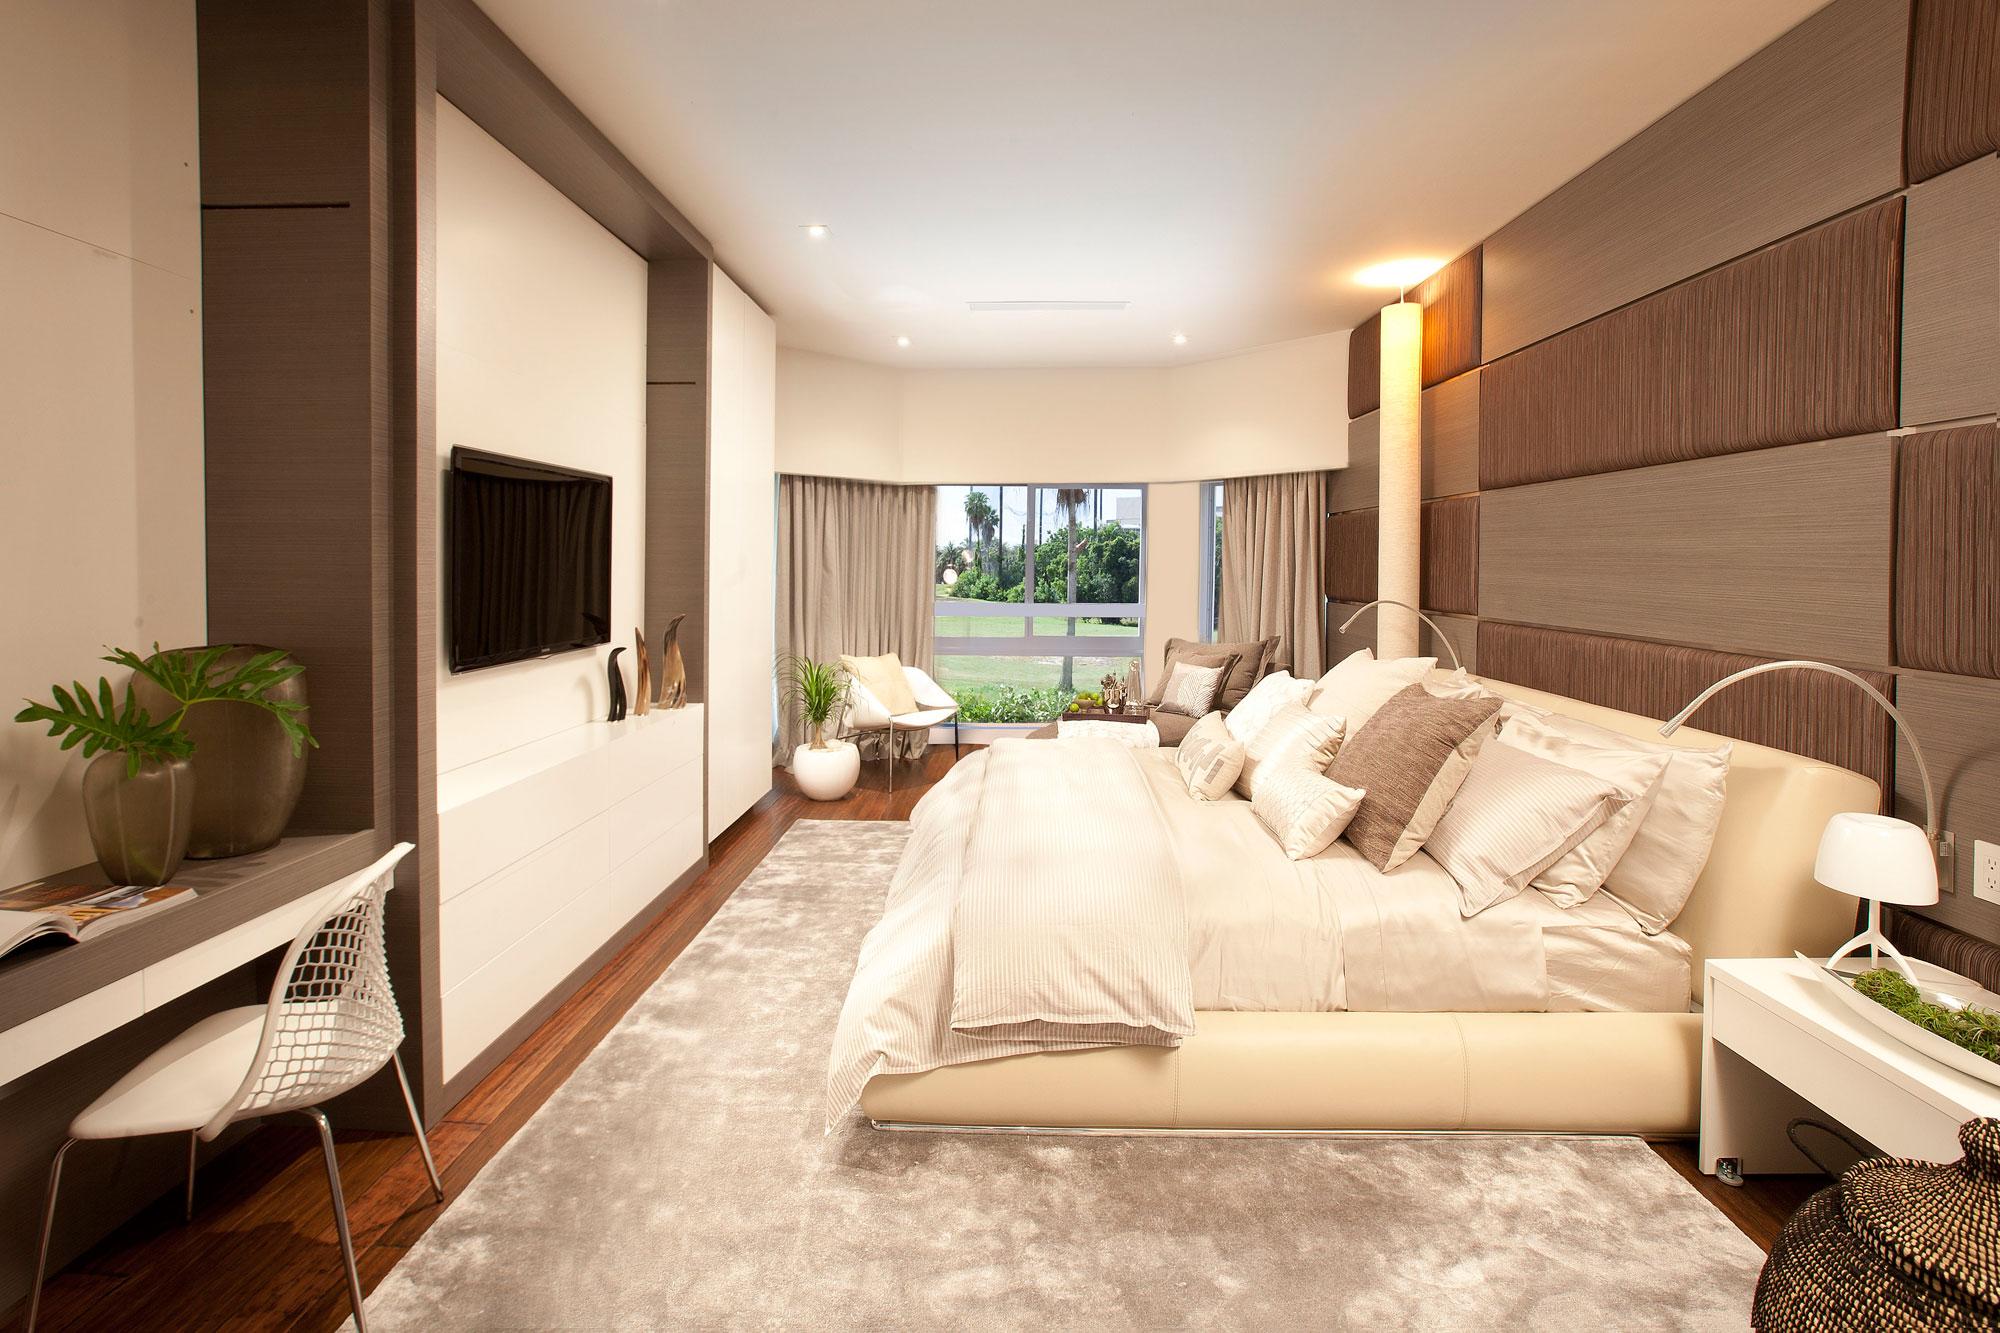 Modern Master Bedroom Interior Design Ideas